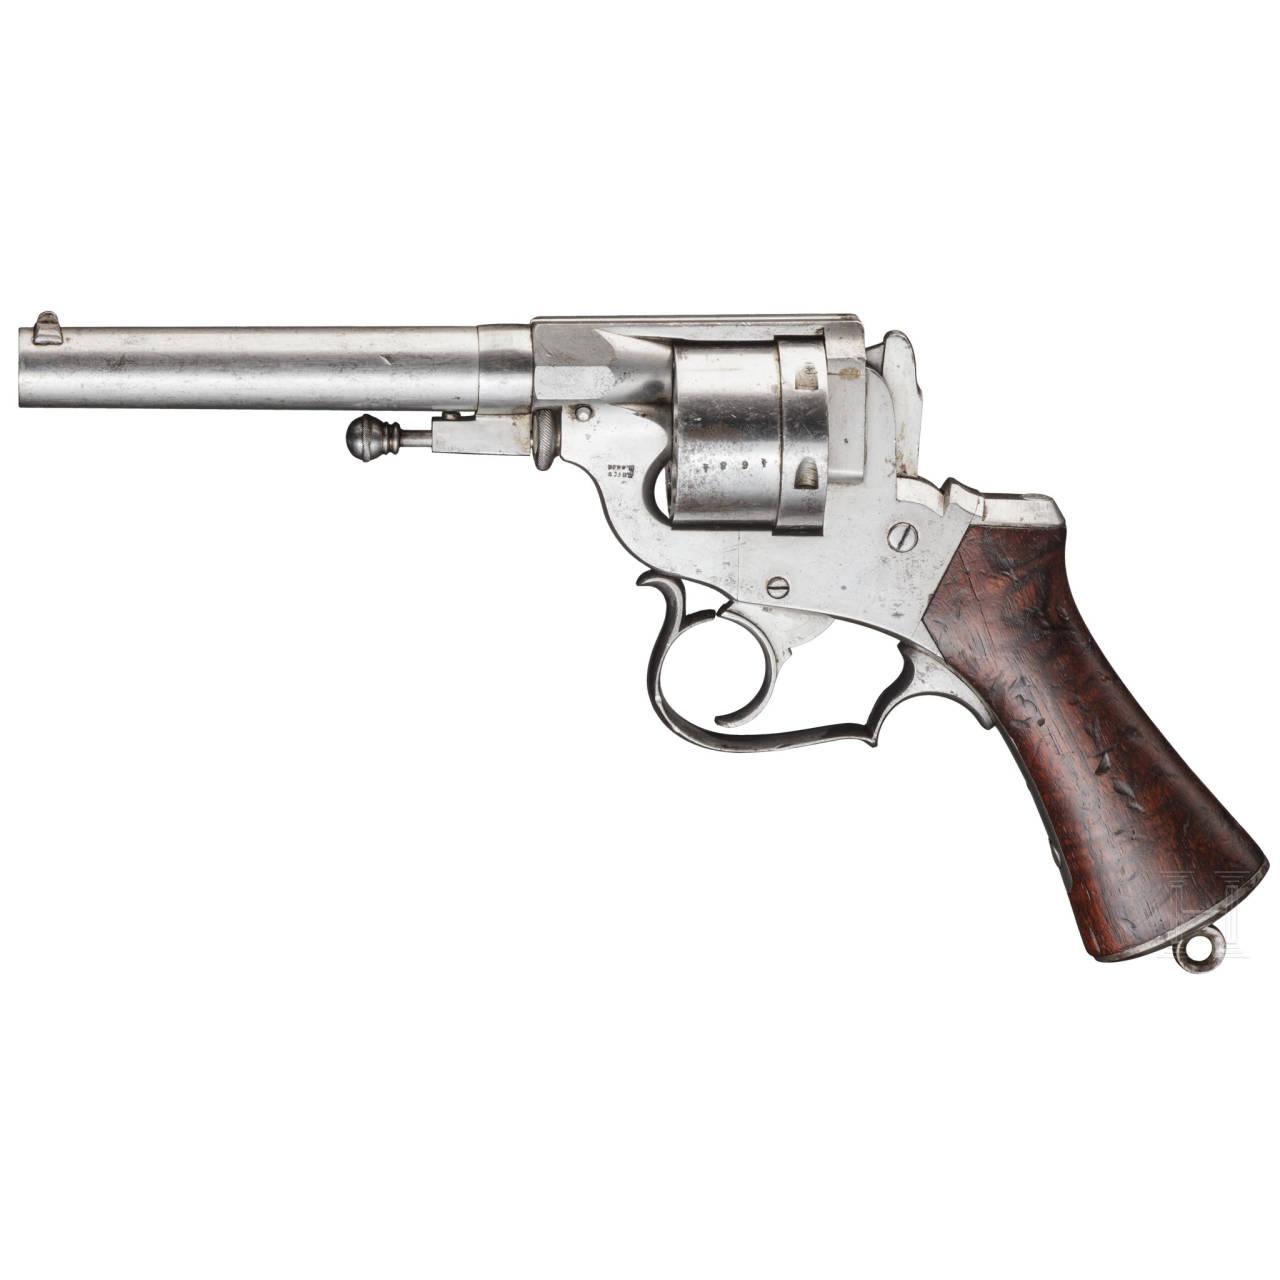 Revolver Perrin Mod. 1870, Versuch der frz. Armee